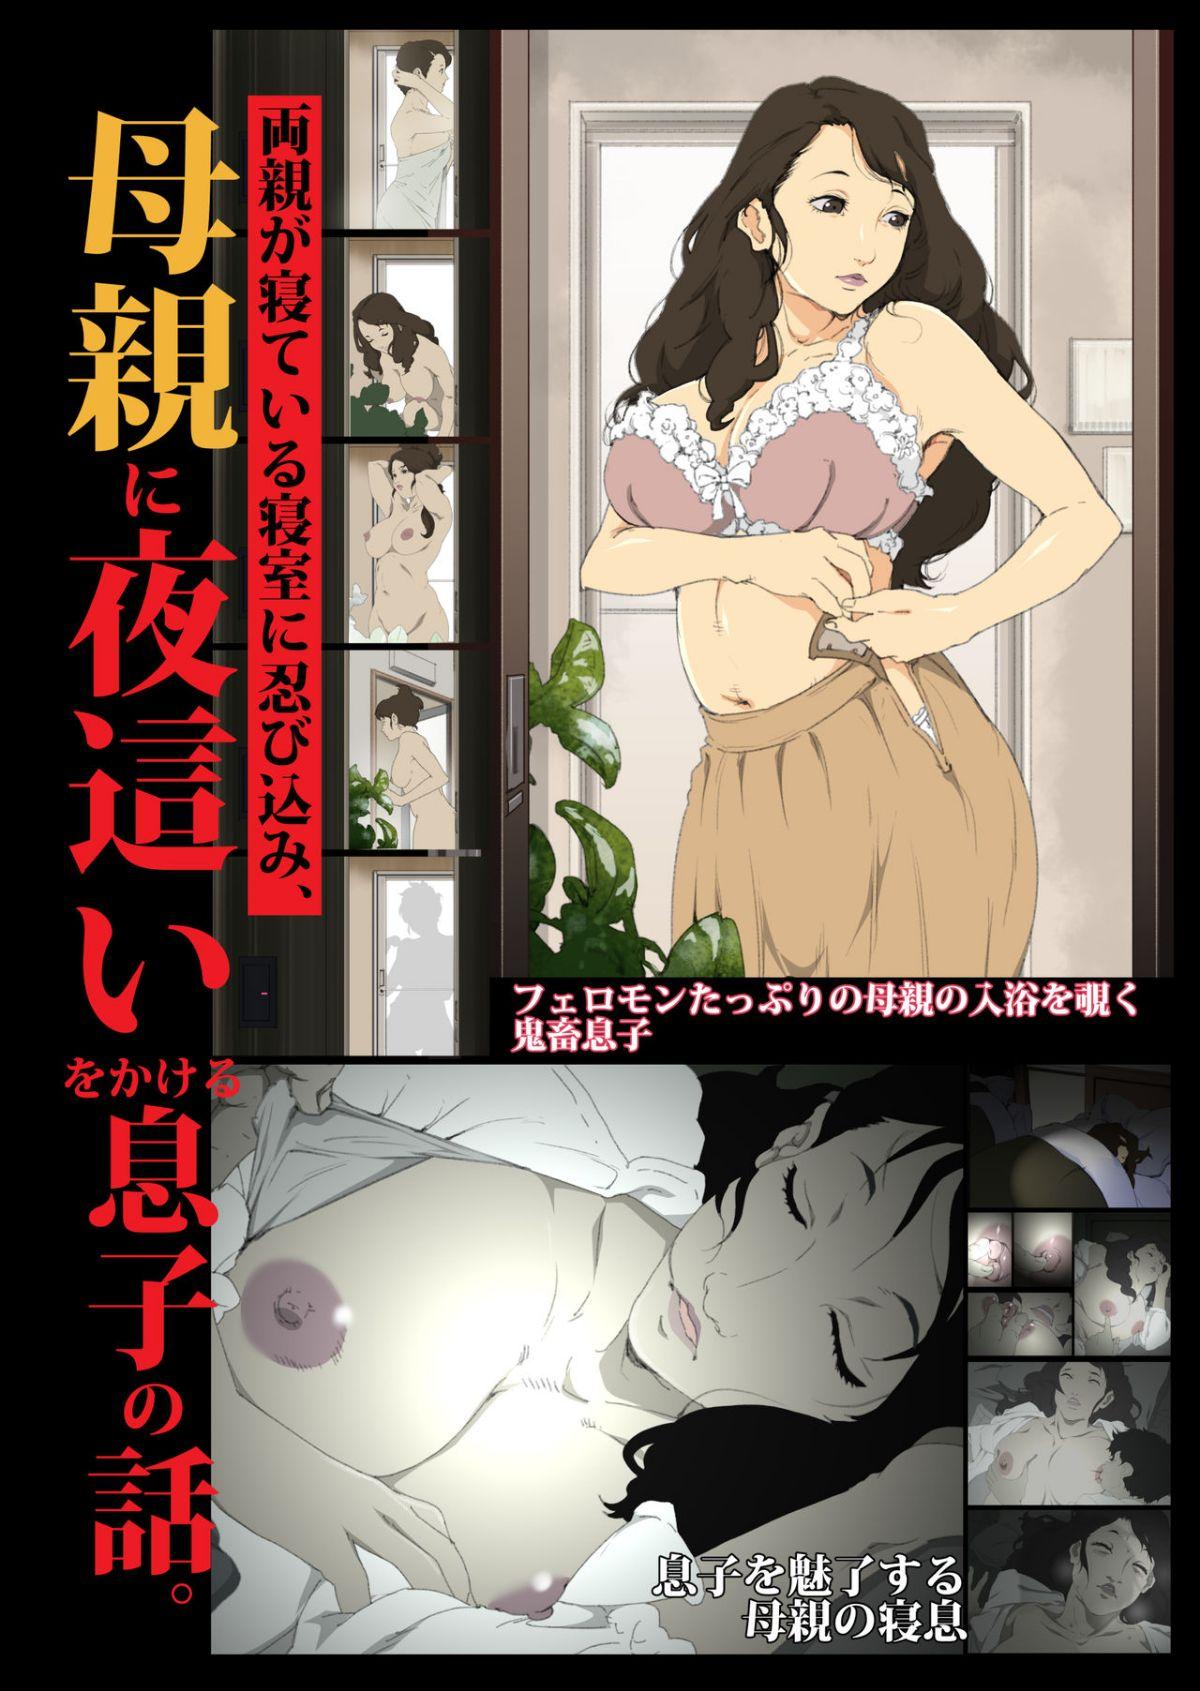 [JUNKセンター亀橫ビル] 両親が寢ている寢室に忍び込み、母親に夜這いをかける息子の - 情色卡漫 -